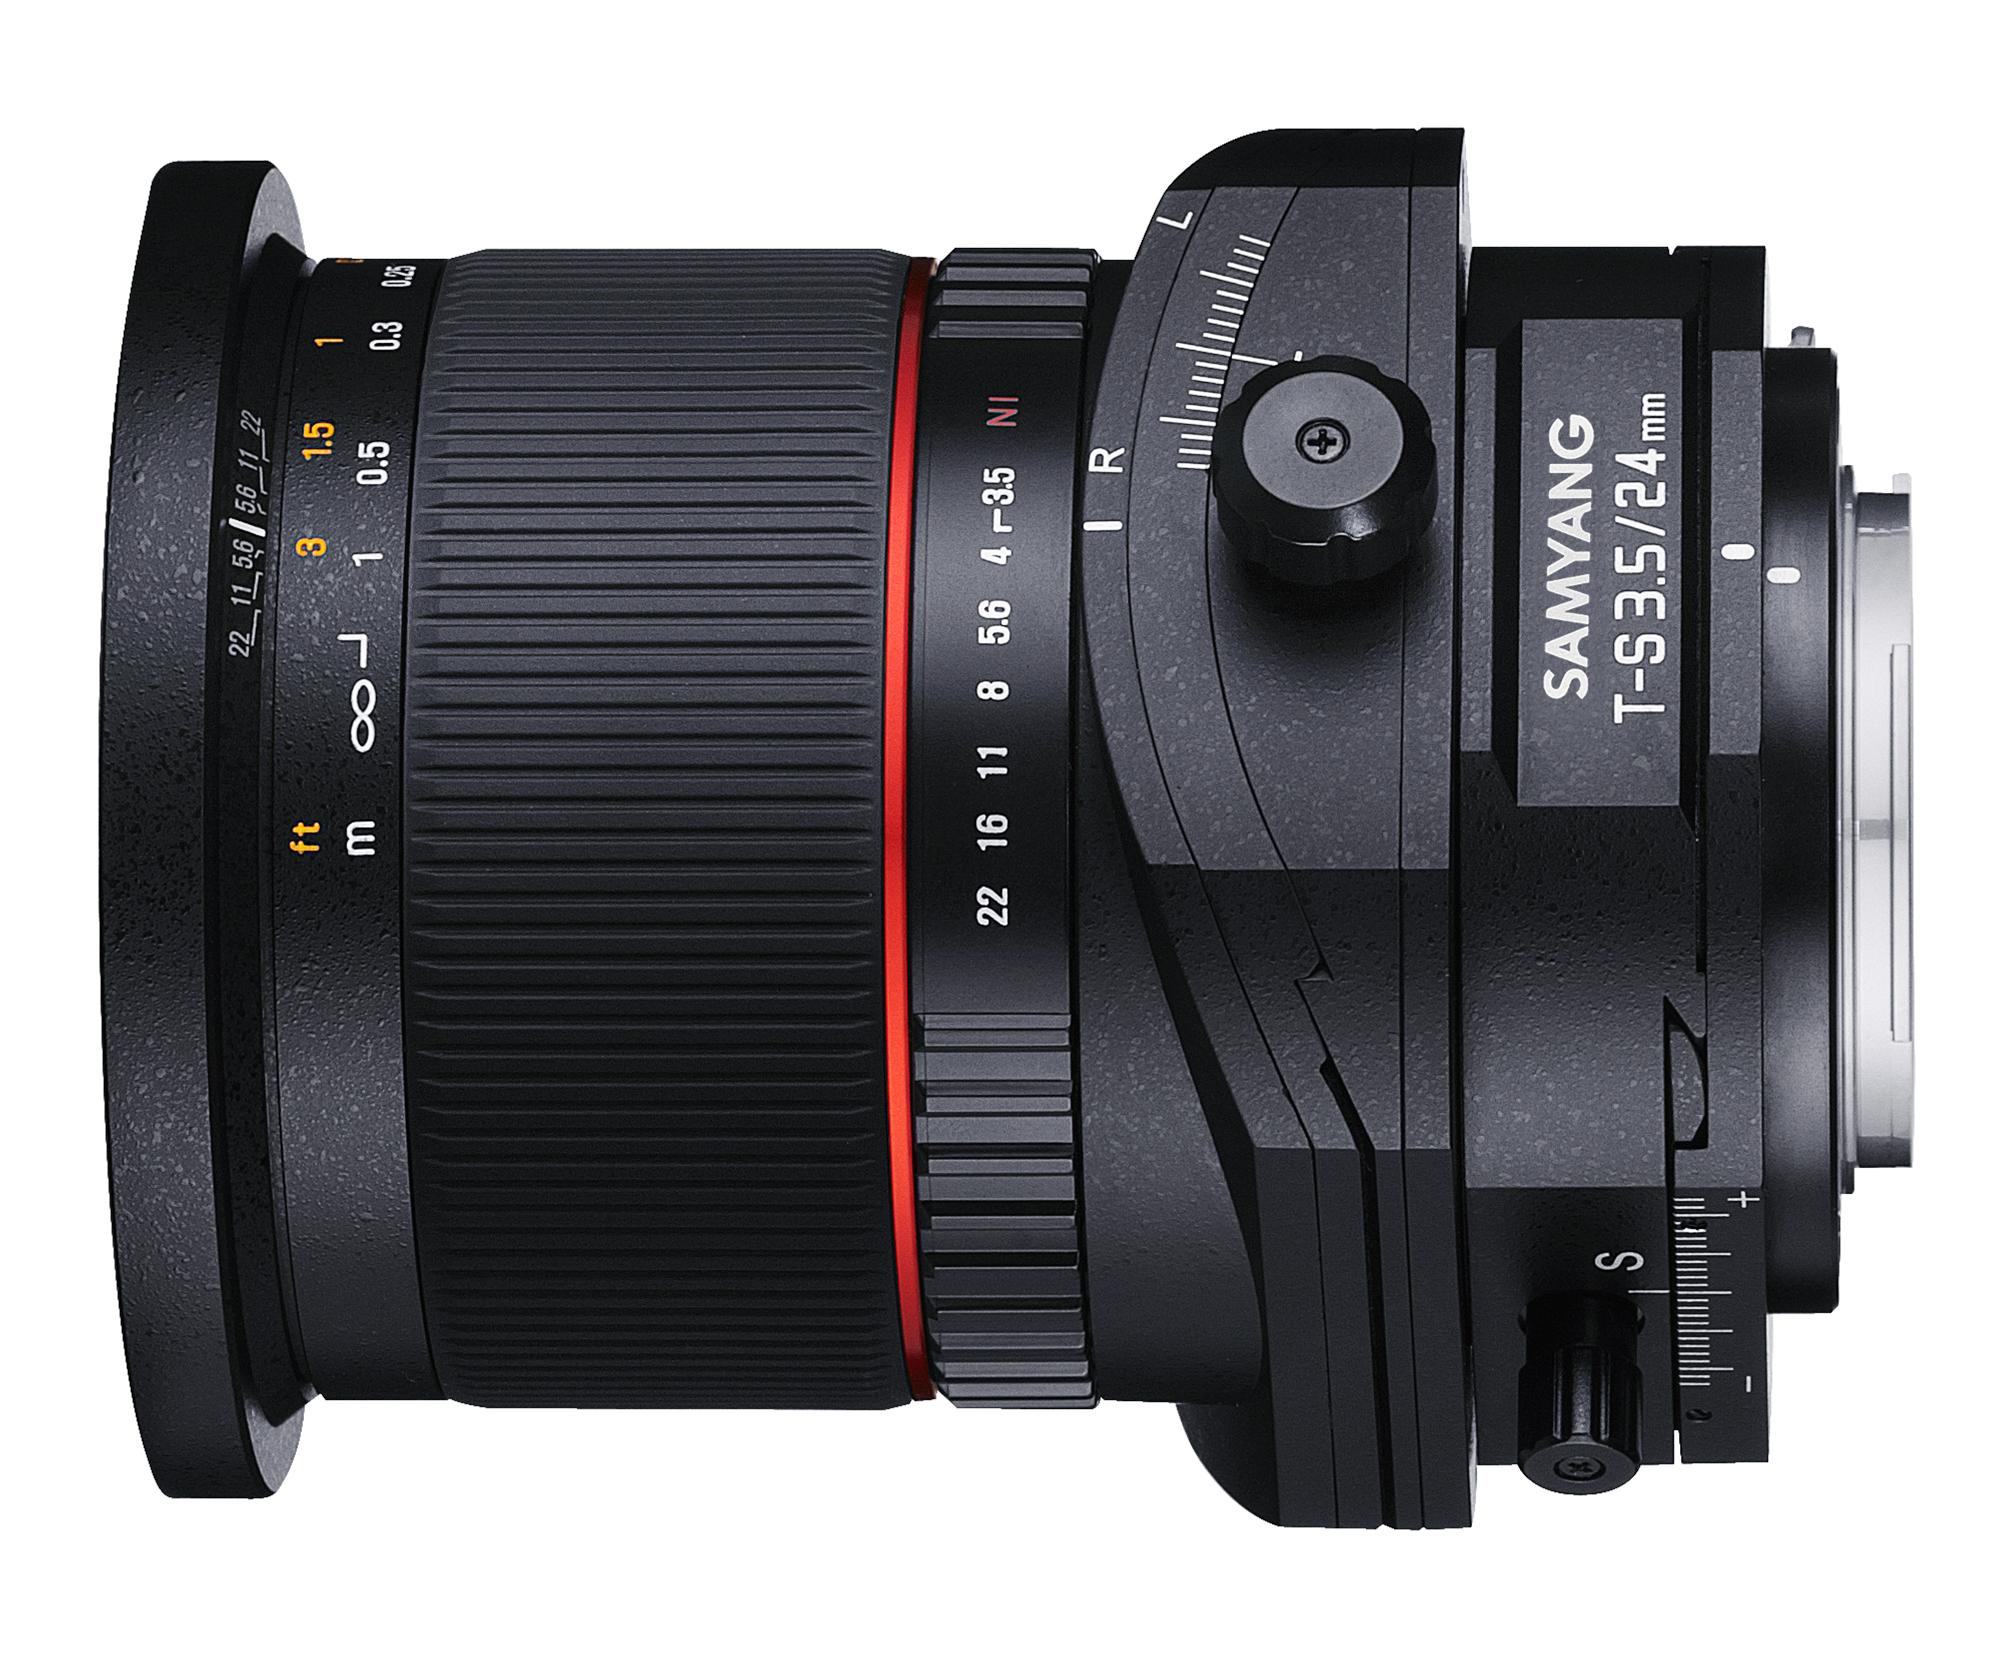 Samyang T-S 24mm F3.5 con control de perspectiva vista horizontal